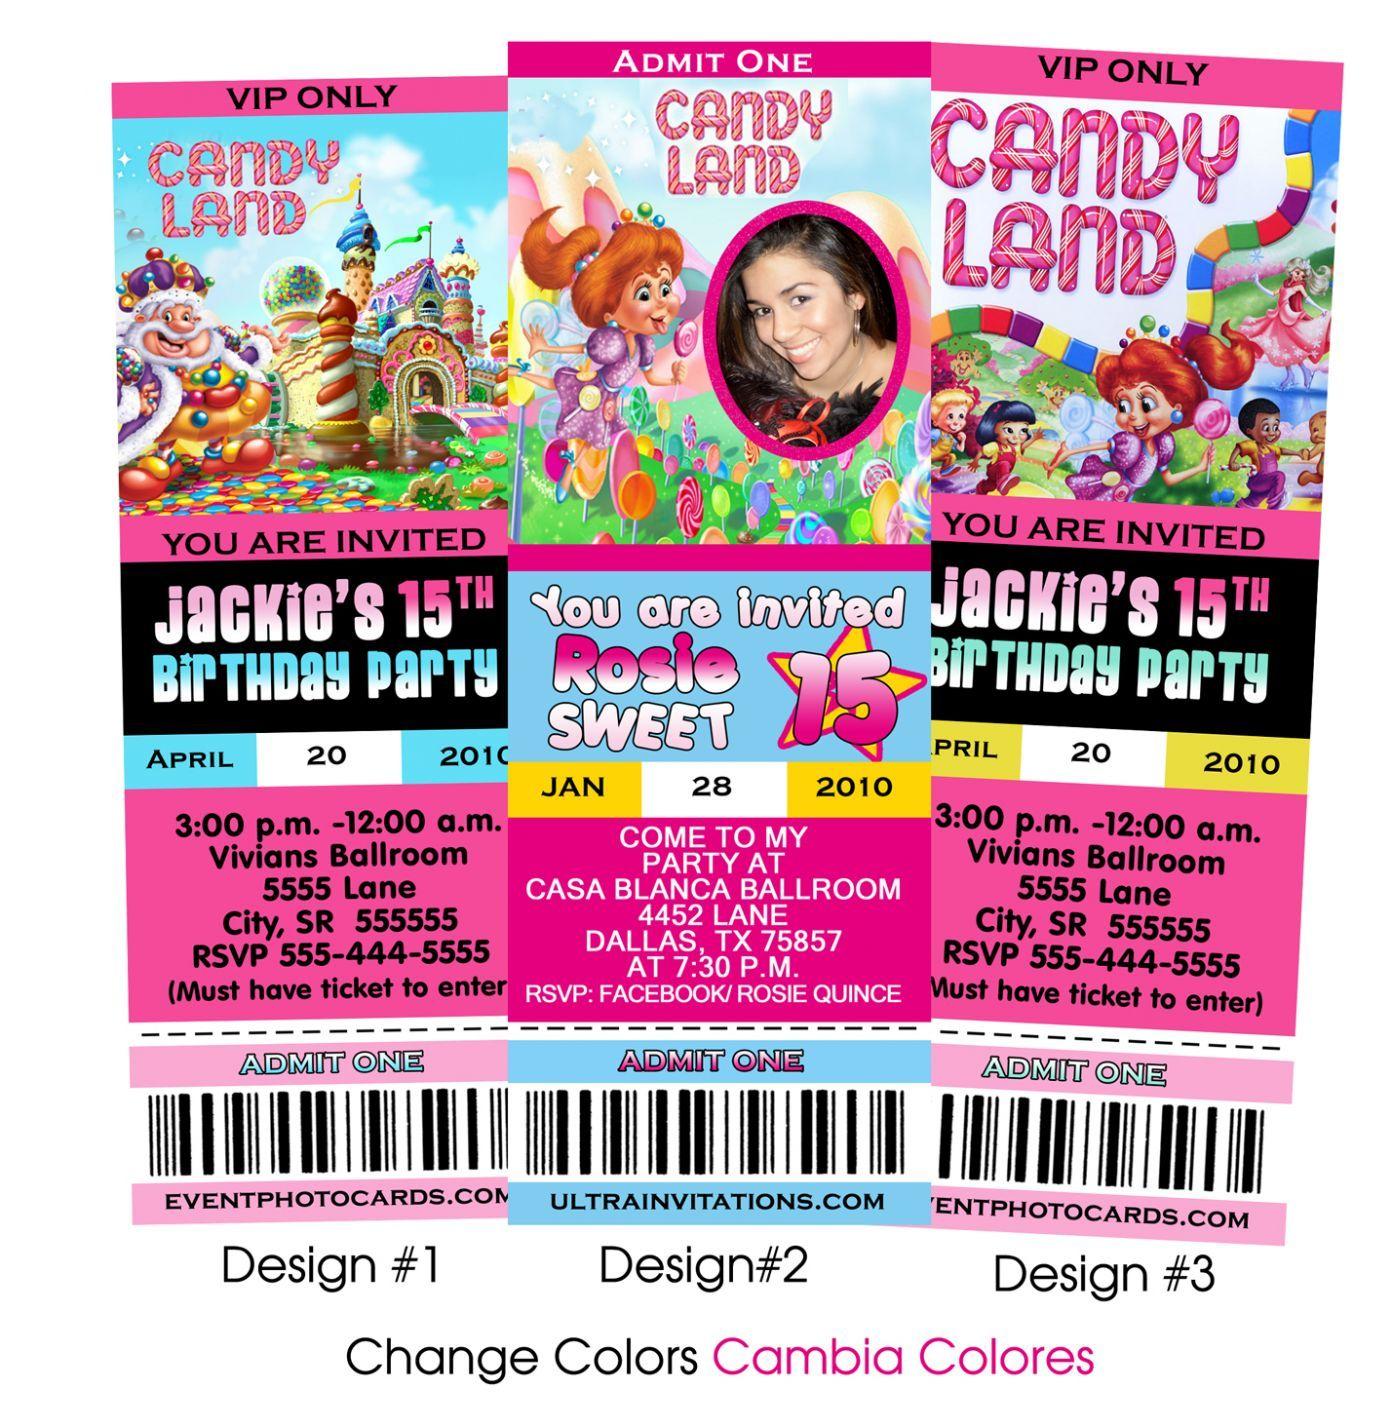 Candyland Ticket Invitation Candyland Inivitation Candyland – Vip Ticket Invitations